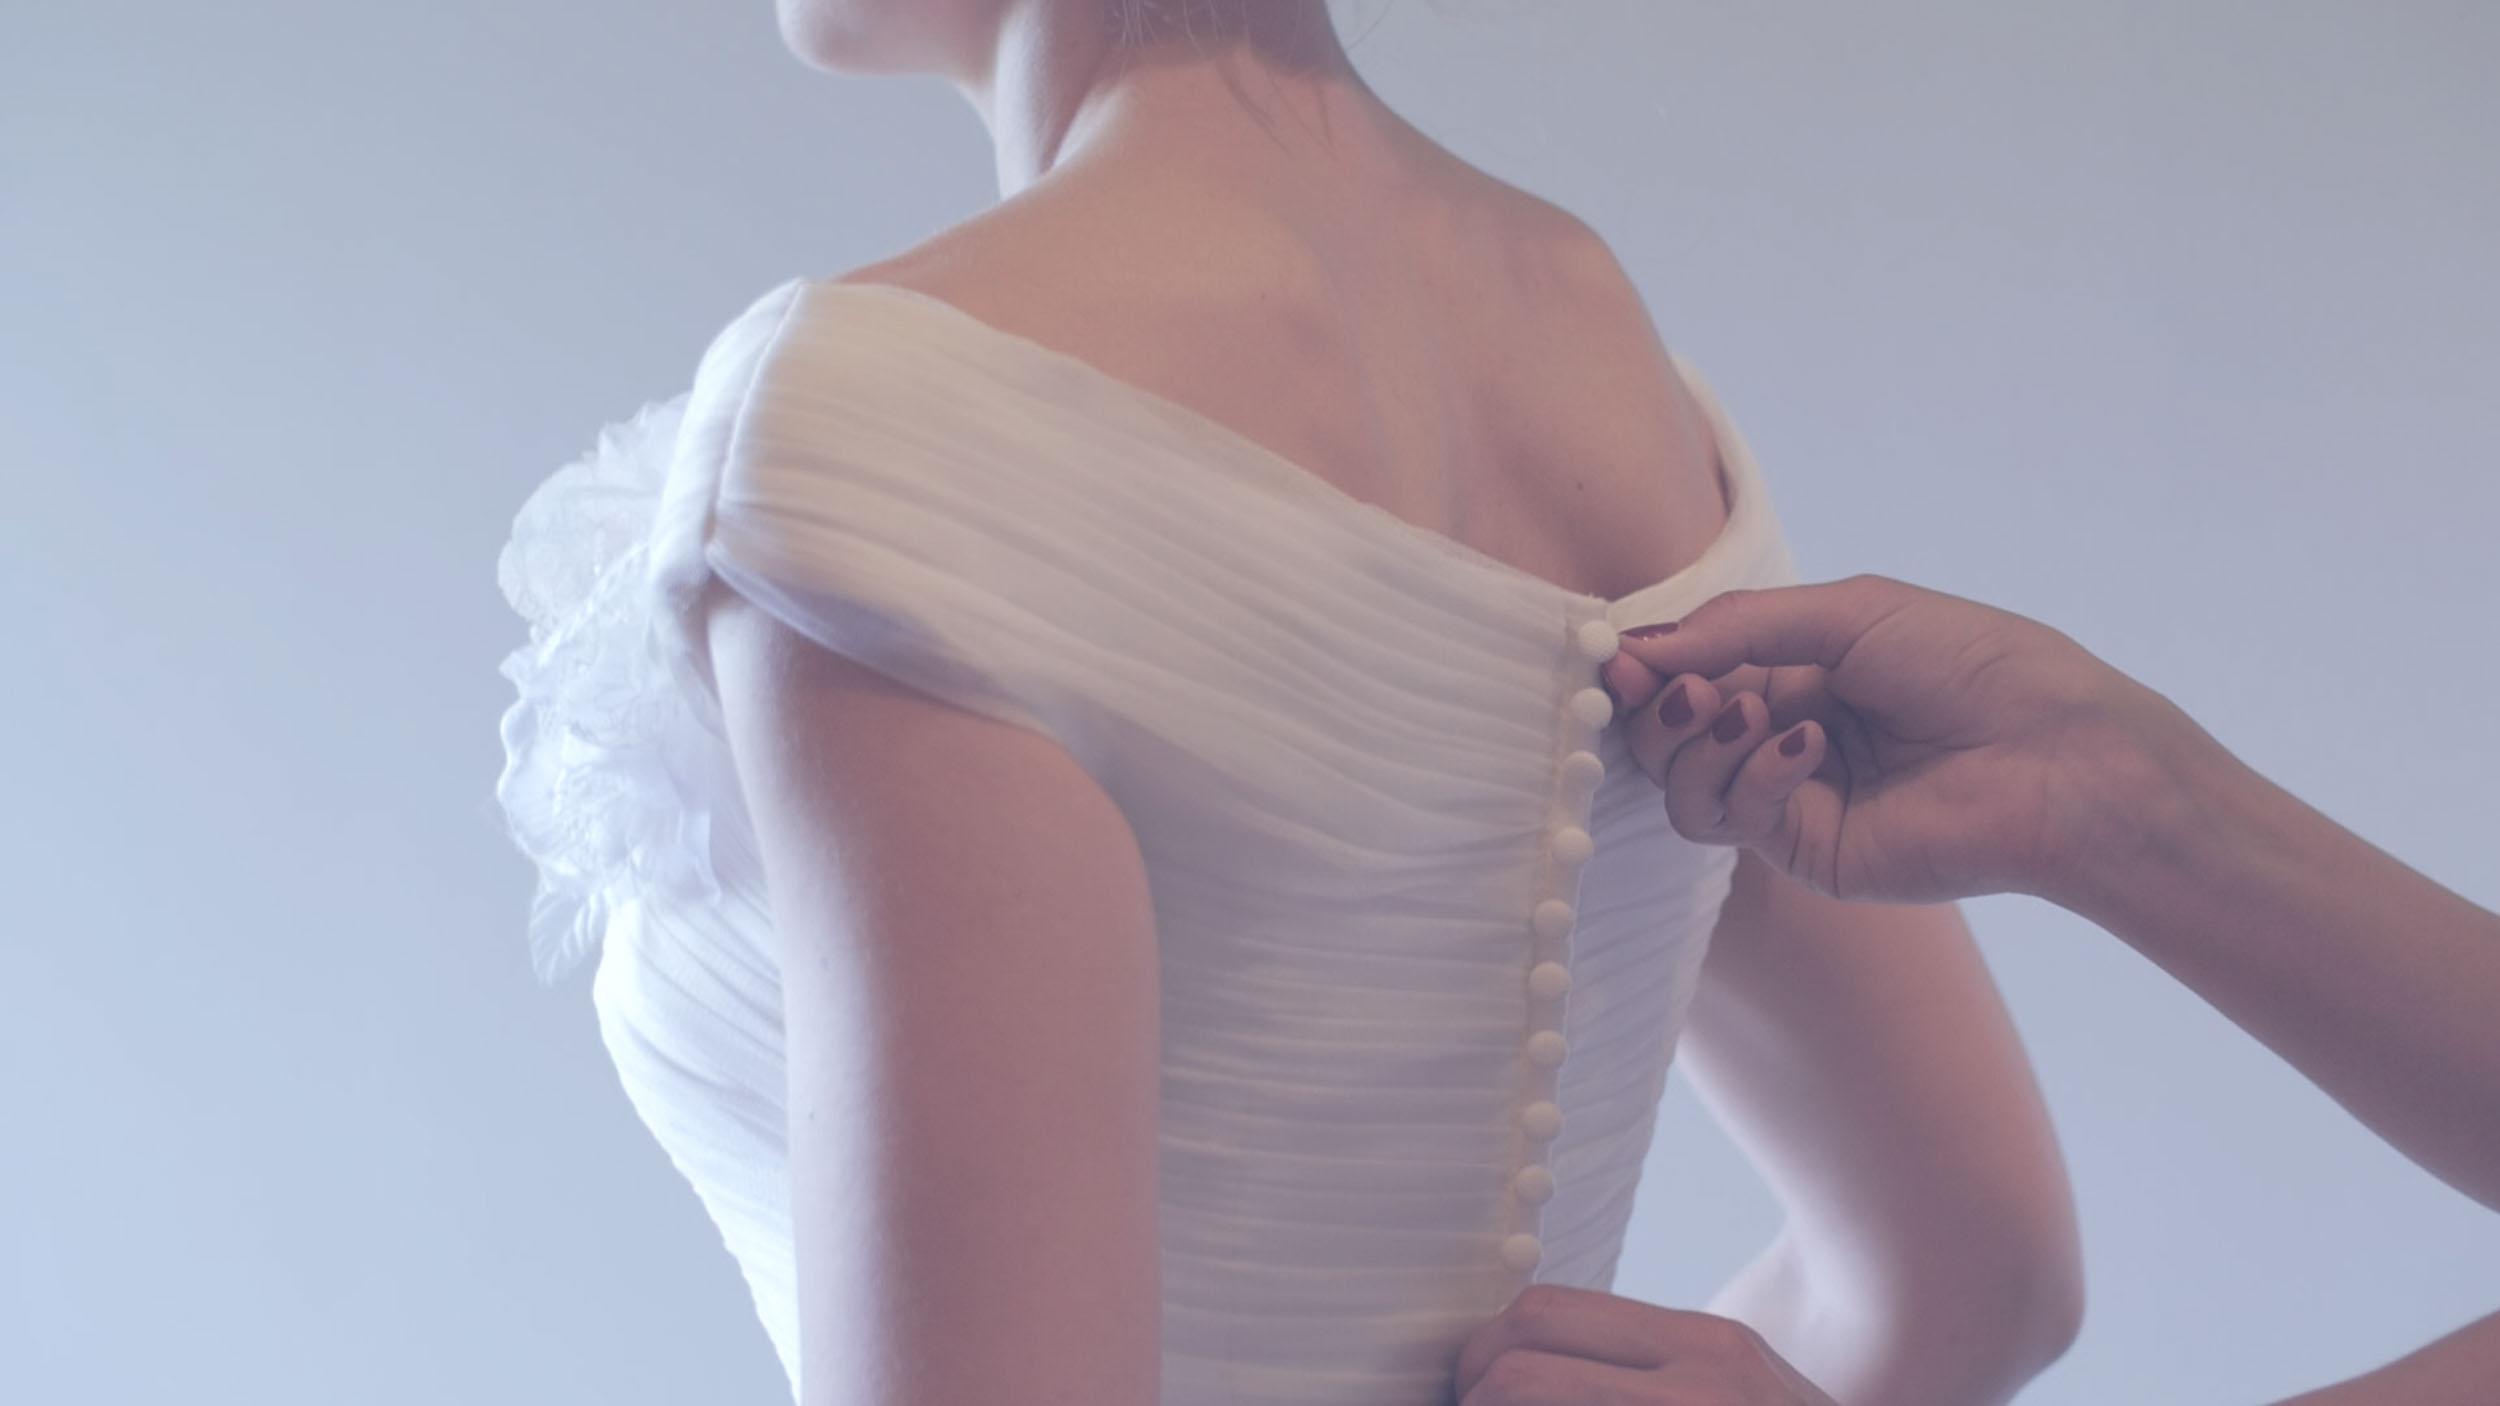 Hochzeitsvideograf-bayern-Brautkleid-prep-styled-shooting-Zammgfasst-Nürnberg.jpg